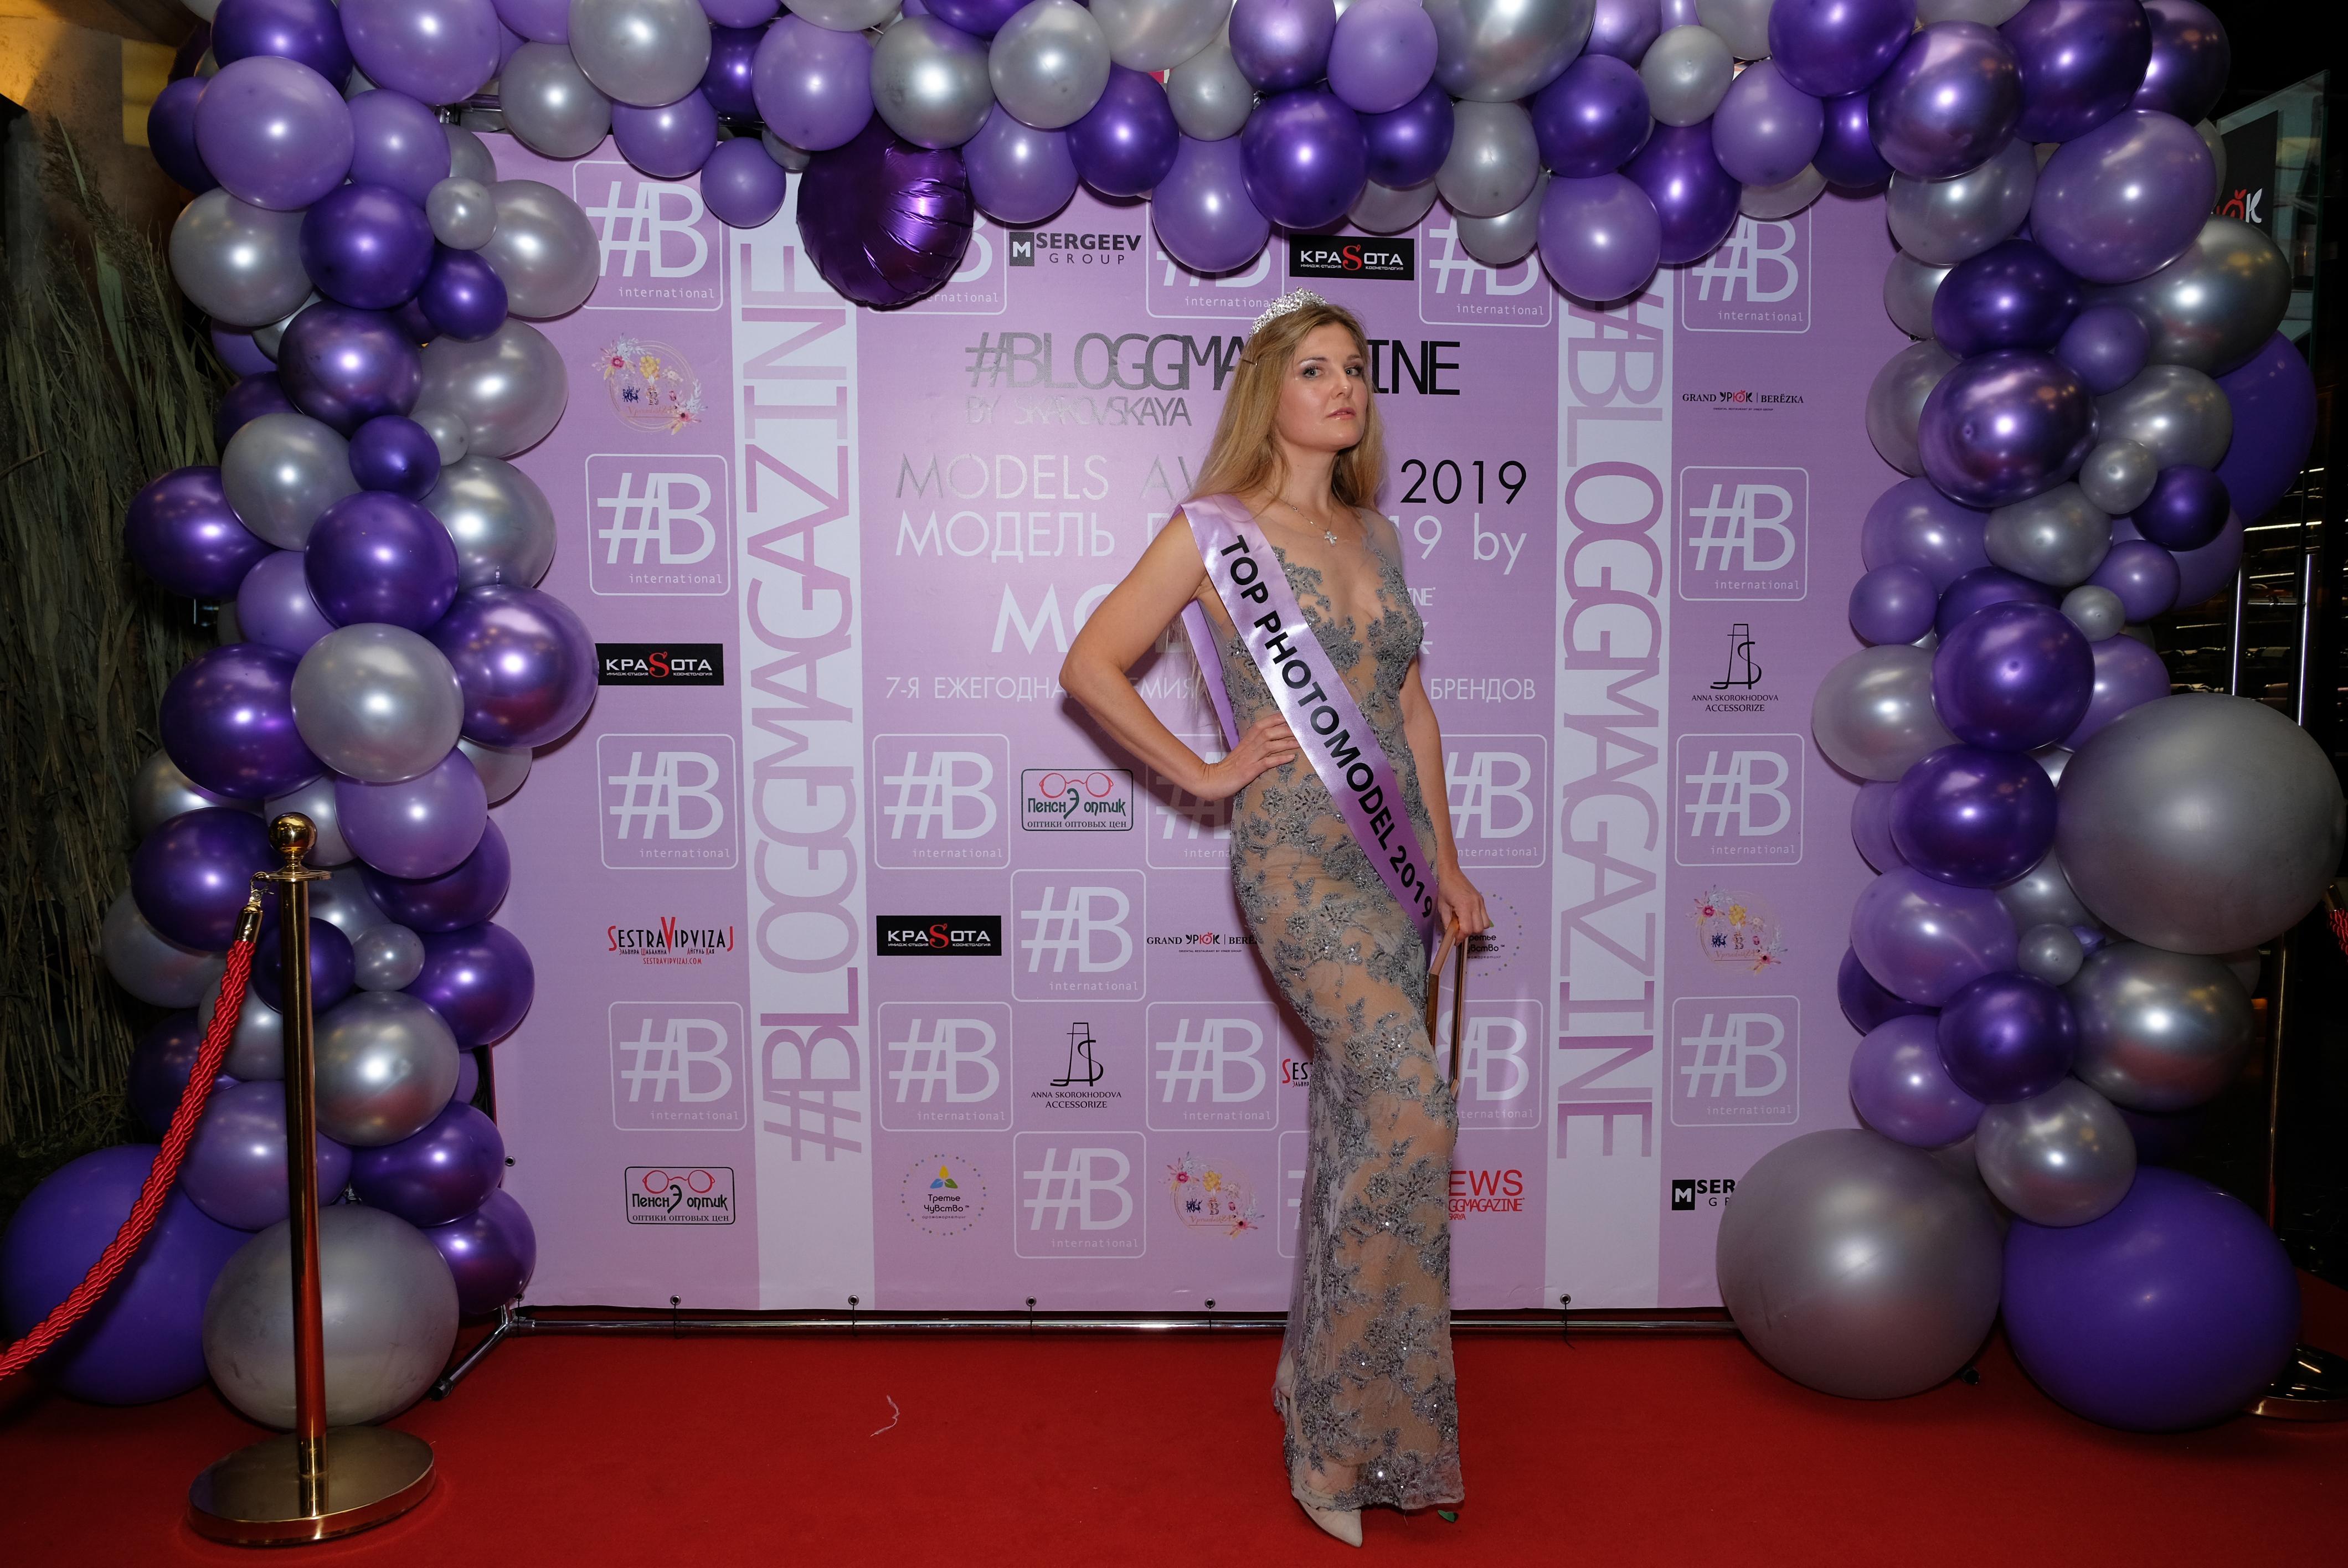 bloggmagazine_models_awards2019_8